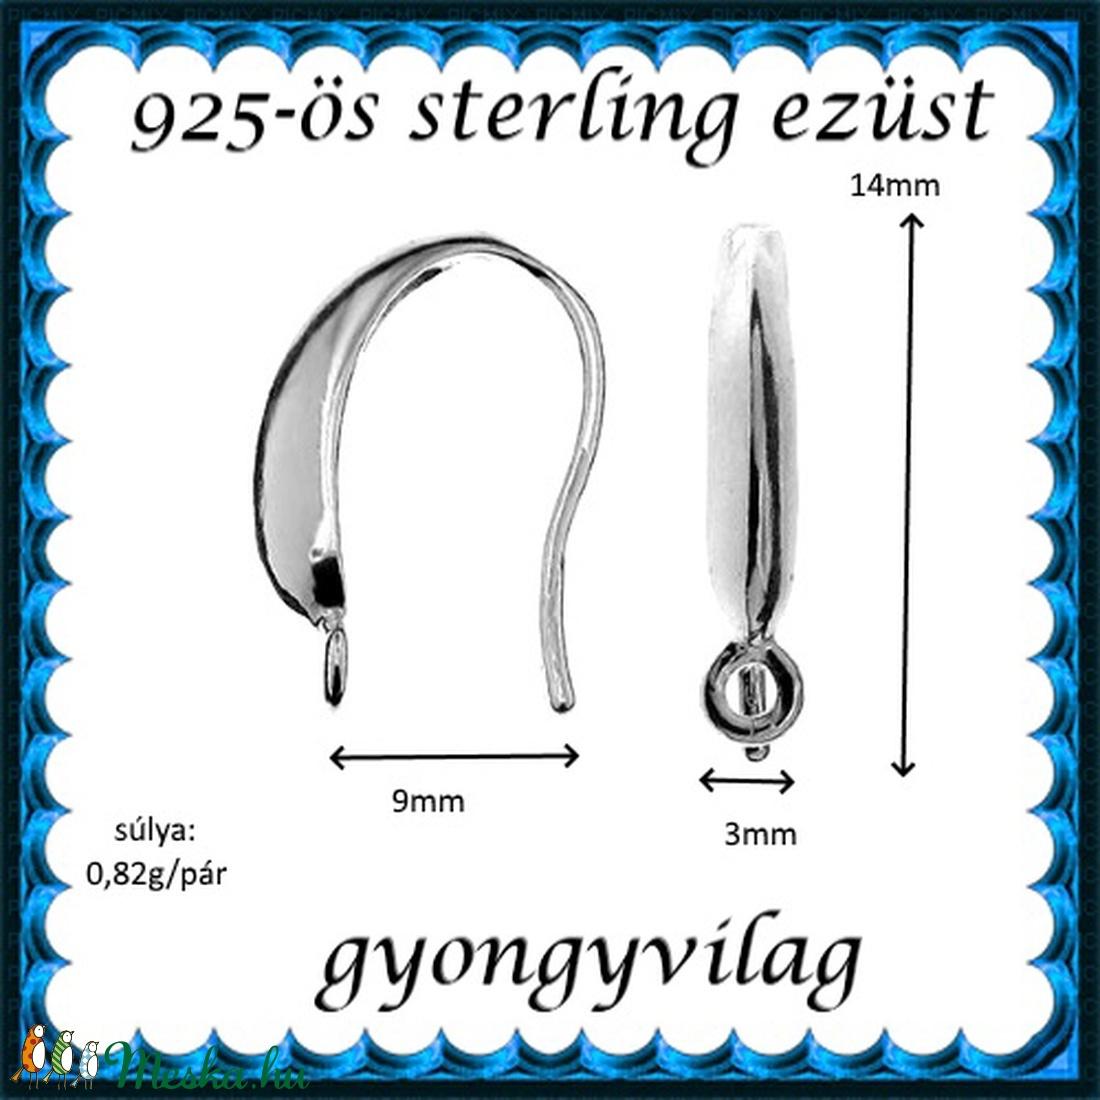 925-ös sterling ezüst ékszerkellék: fülbevalóalap akasztós EFK A 73-1 - gyöngy, ékszerkellék - egyéb alkatrész - Meska.hu